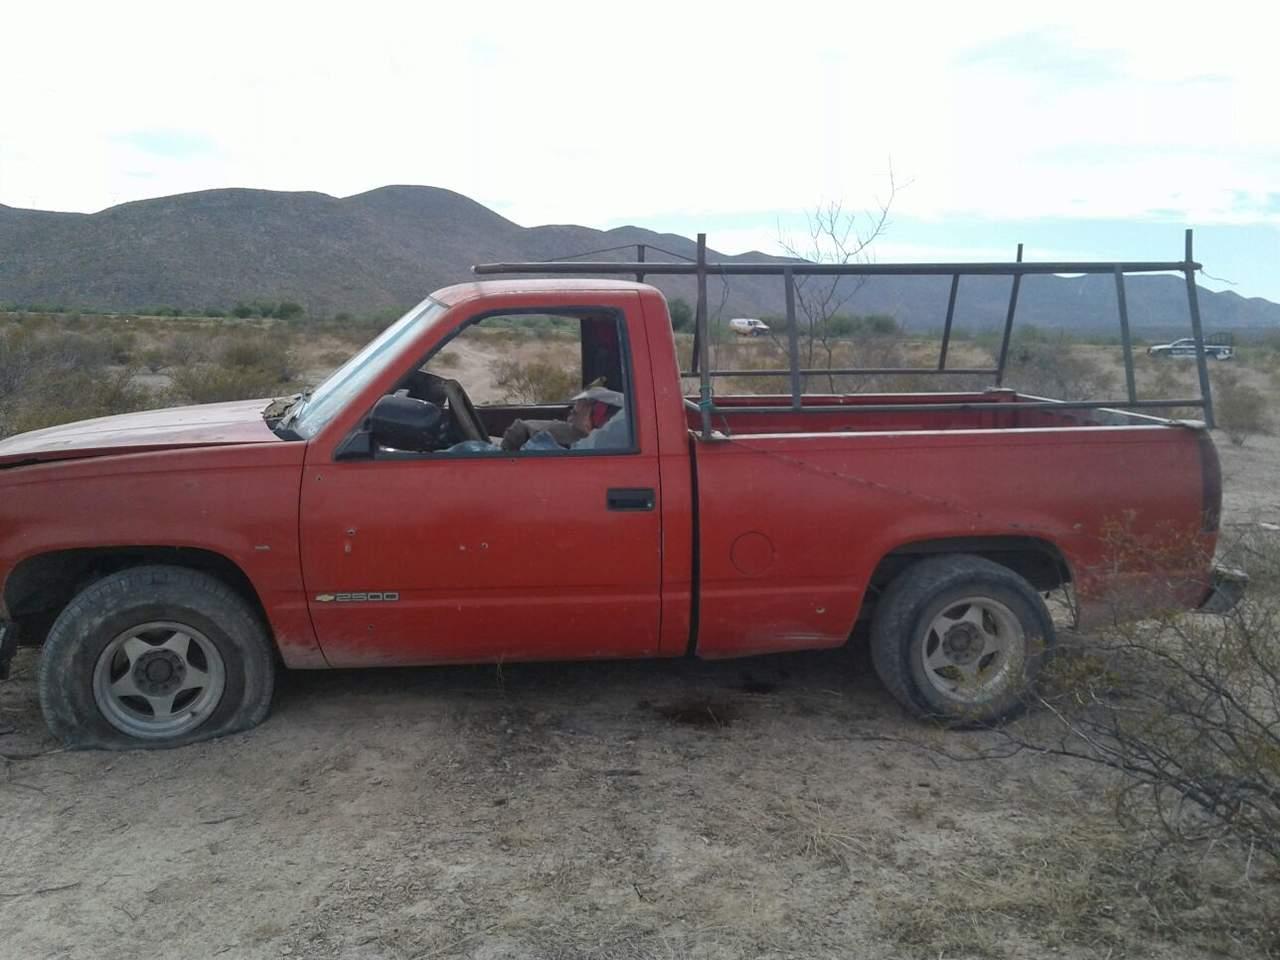 Matan a 4 integrantes de una familia en carretera Durango-GP